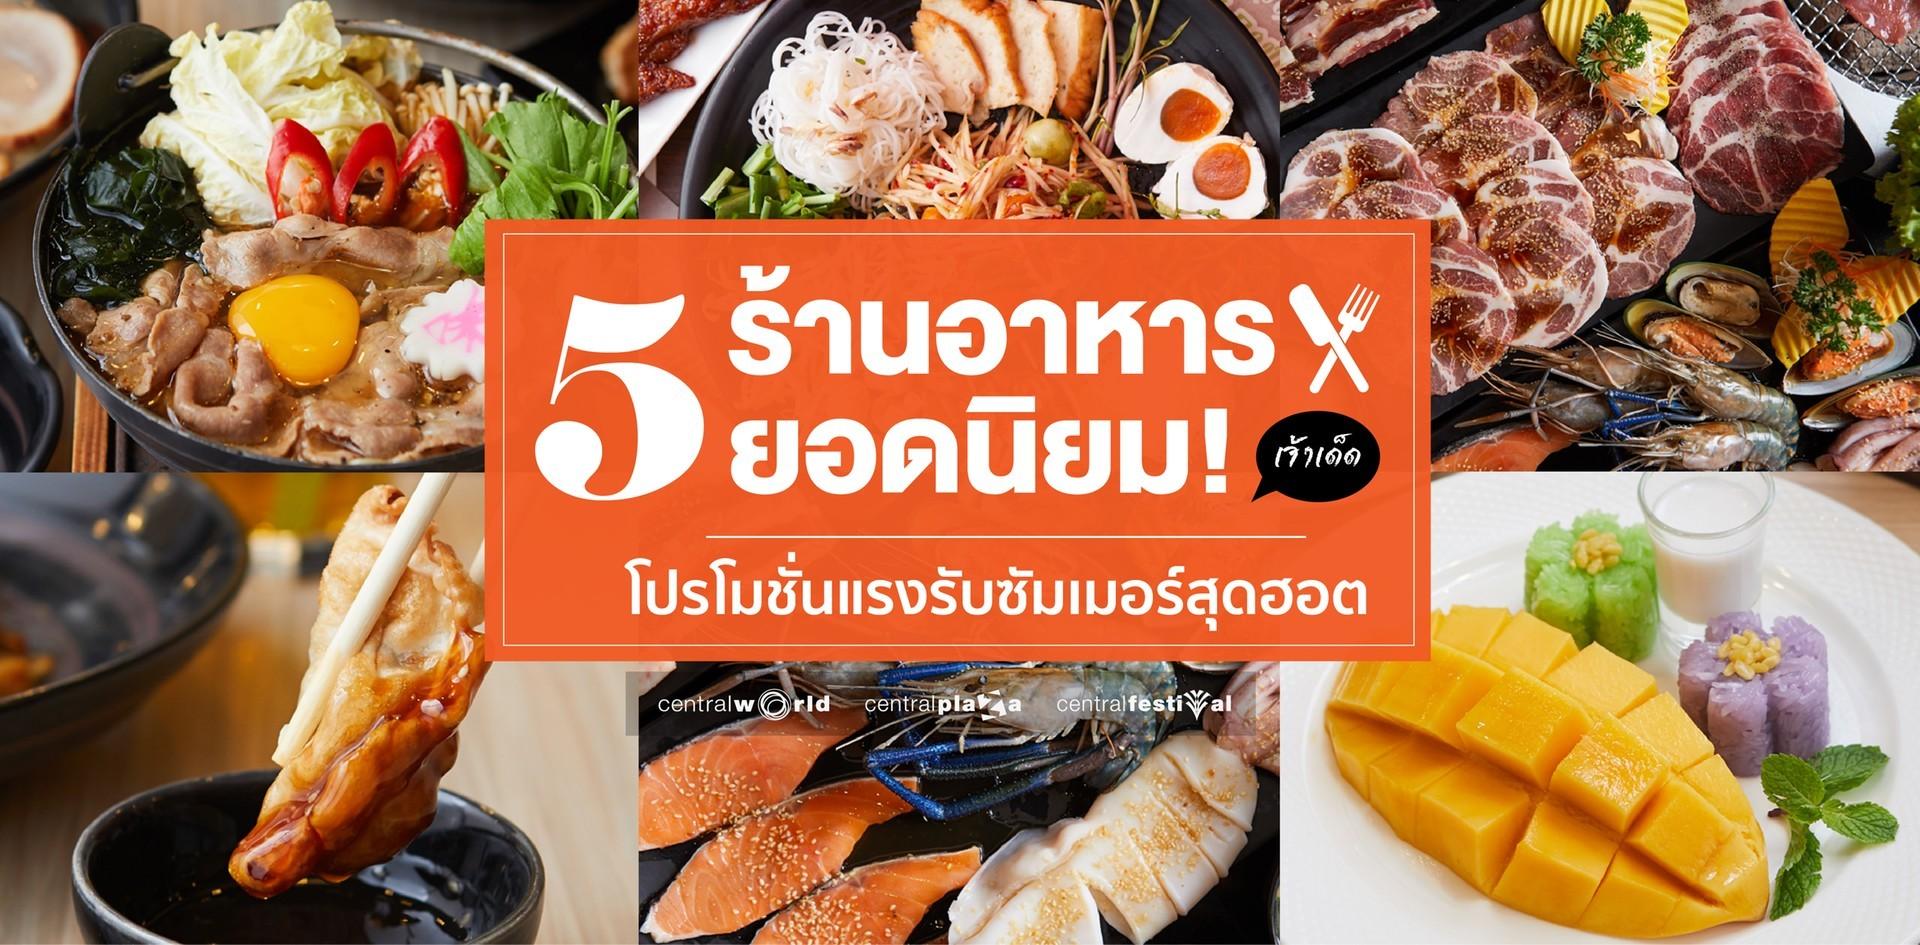 5 ร้านอาหารยอดนิยมเจ้าเด็ด โปรโมชั่นแรงรับซัมเมอร์สุดฮอต!